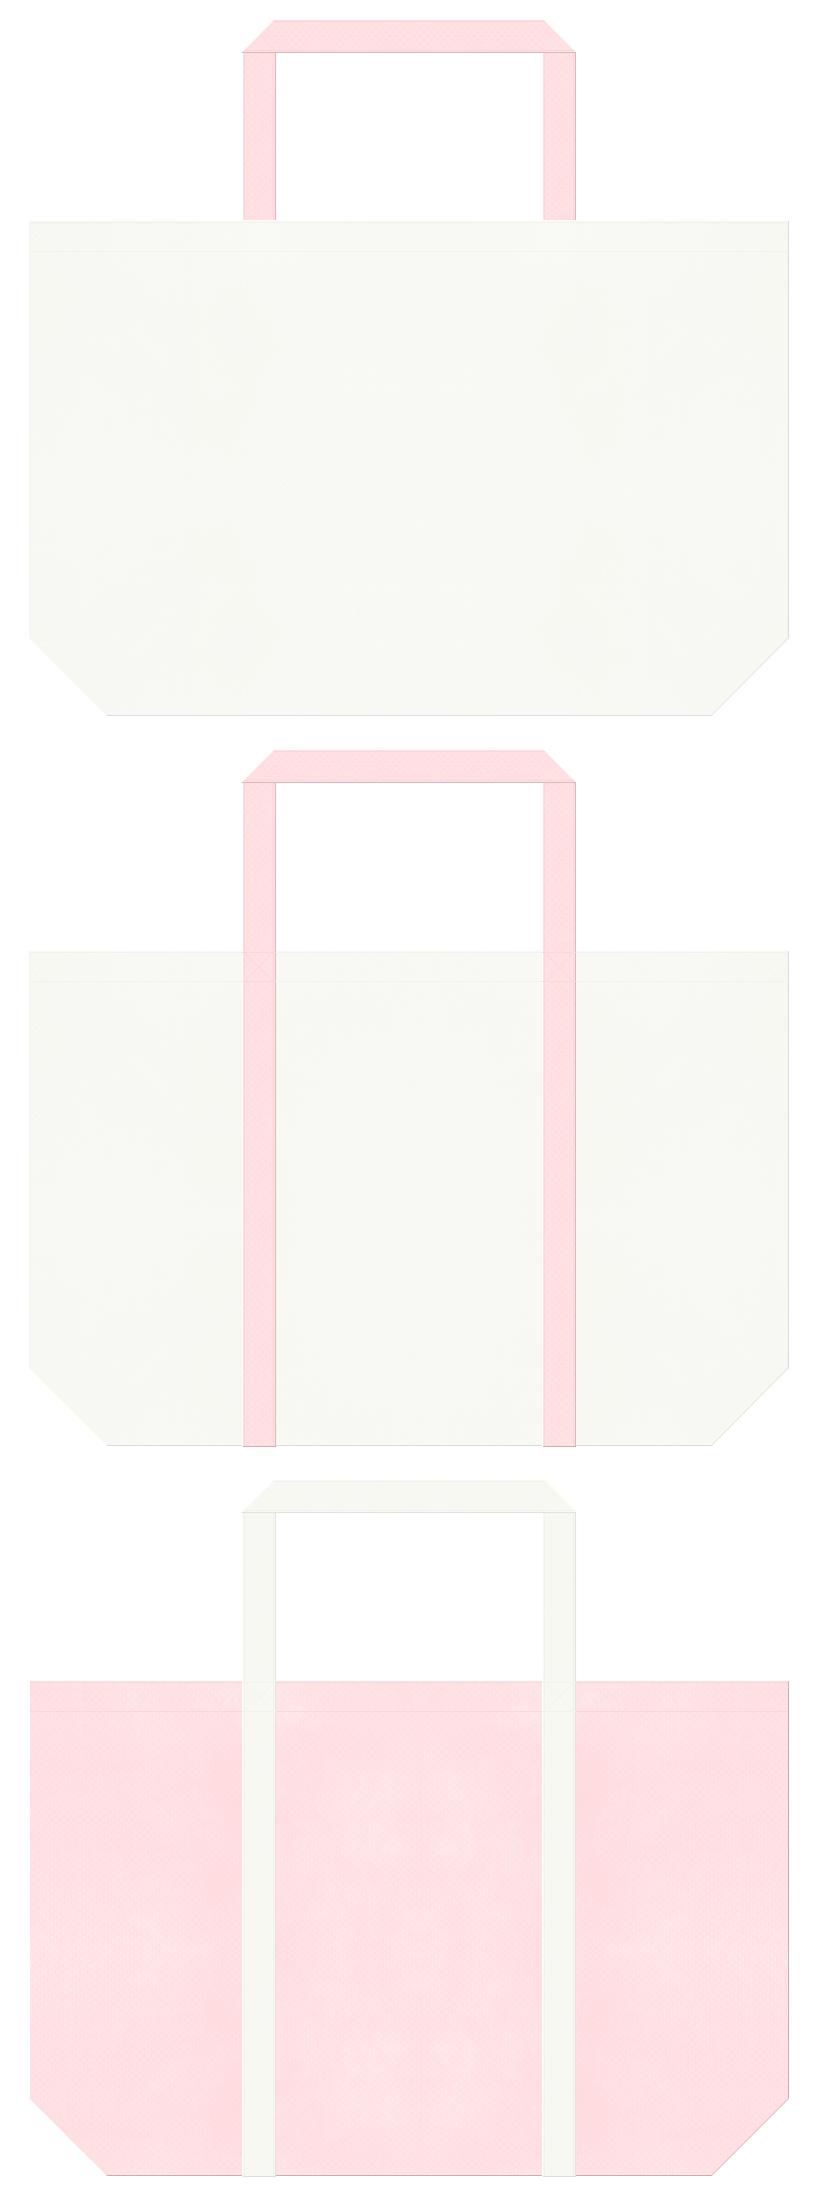 オフホワイト色と桜色の不織布ショッピングバッグのデザイン:母の日・ネイルサロン・ブライダルギフト商品のショッピングバッグにお奨めです。